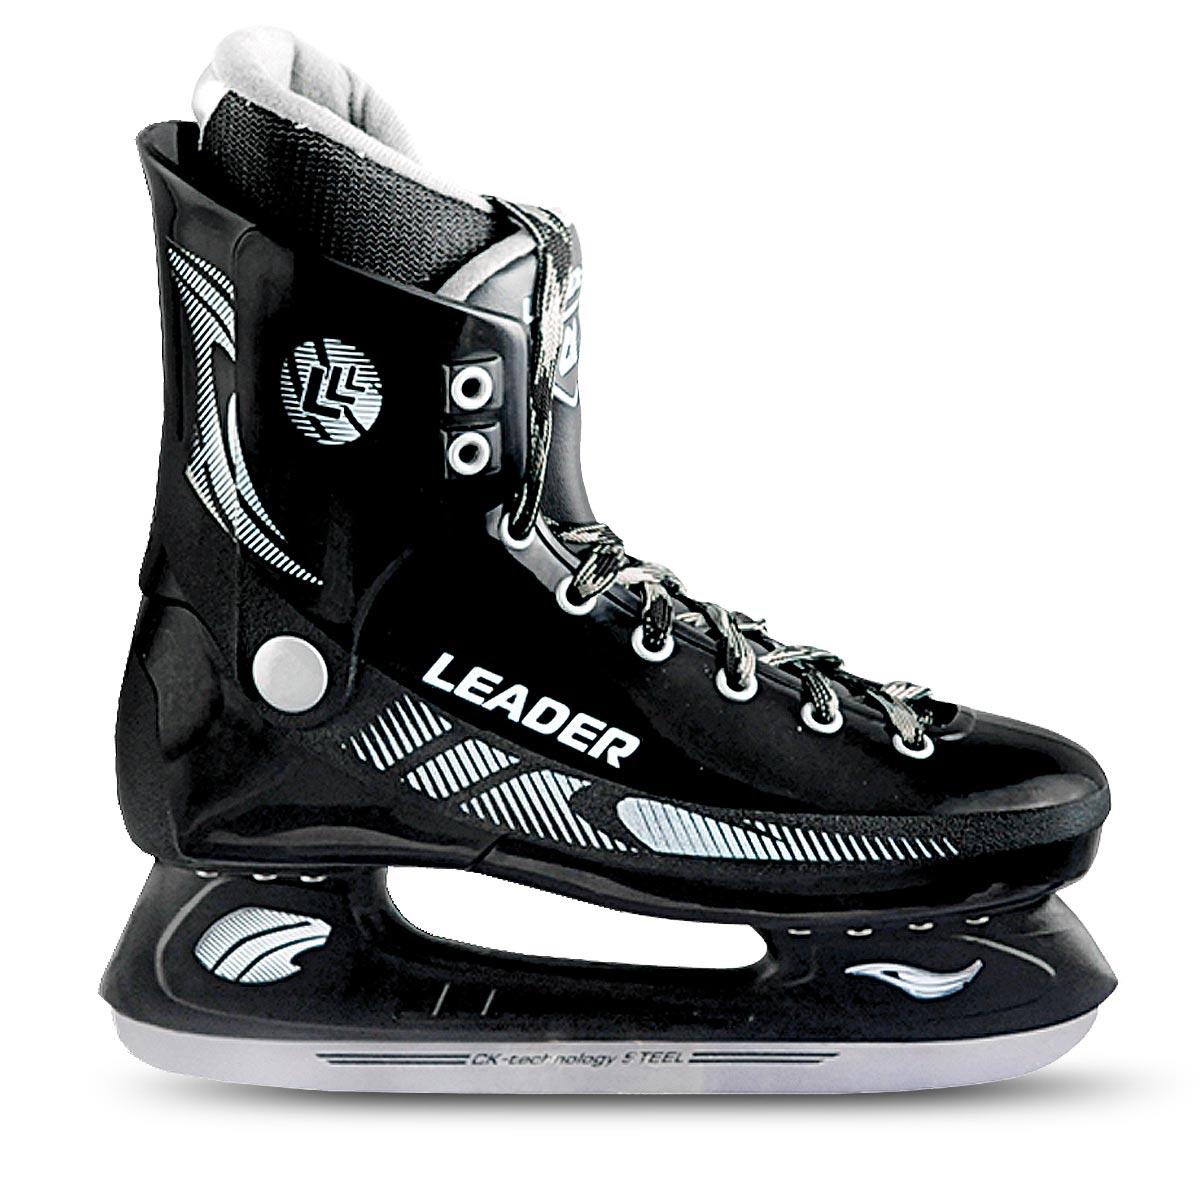 Коньки хоккейные мужские CK Leader, цвет: черный. Размер 39LEADER_черный_39Стильные коньки от CK Master Leader с ударопрочной защитной конструкцией отлично подойдут для начинающих обучаться катанию. Ботинки изготовлены из морозостойкого полимера, который защитит ноги от ударов. Верх изделия оформлен классической шнуровкой, надежно фиксирующей голеностоп. Сапожок, выполненный из комбинации капровелюра и искусственной кожи, оформлен принтом и тиснением в виде логотипа бренда. Внутренняя поверхность, дополненная утеплителем, и стелька исполнены из текстиля. Фигурное лезвие изготовлено из нержавеющей углеродистой стали со специальным покрытием, придающим дополнительную прочность. Усиленная двух-стаканная рама декорирована с одной из боковых сторон оригинальным принтом. Стильные коньки придутся вам по душе.